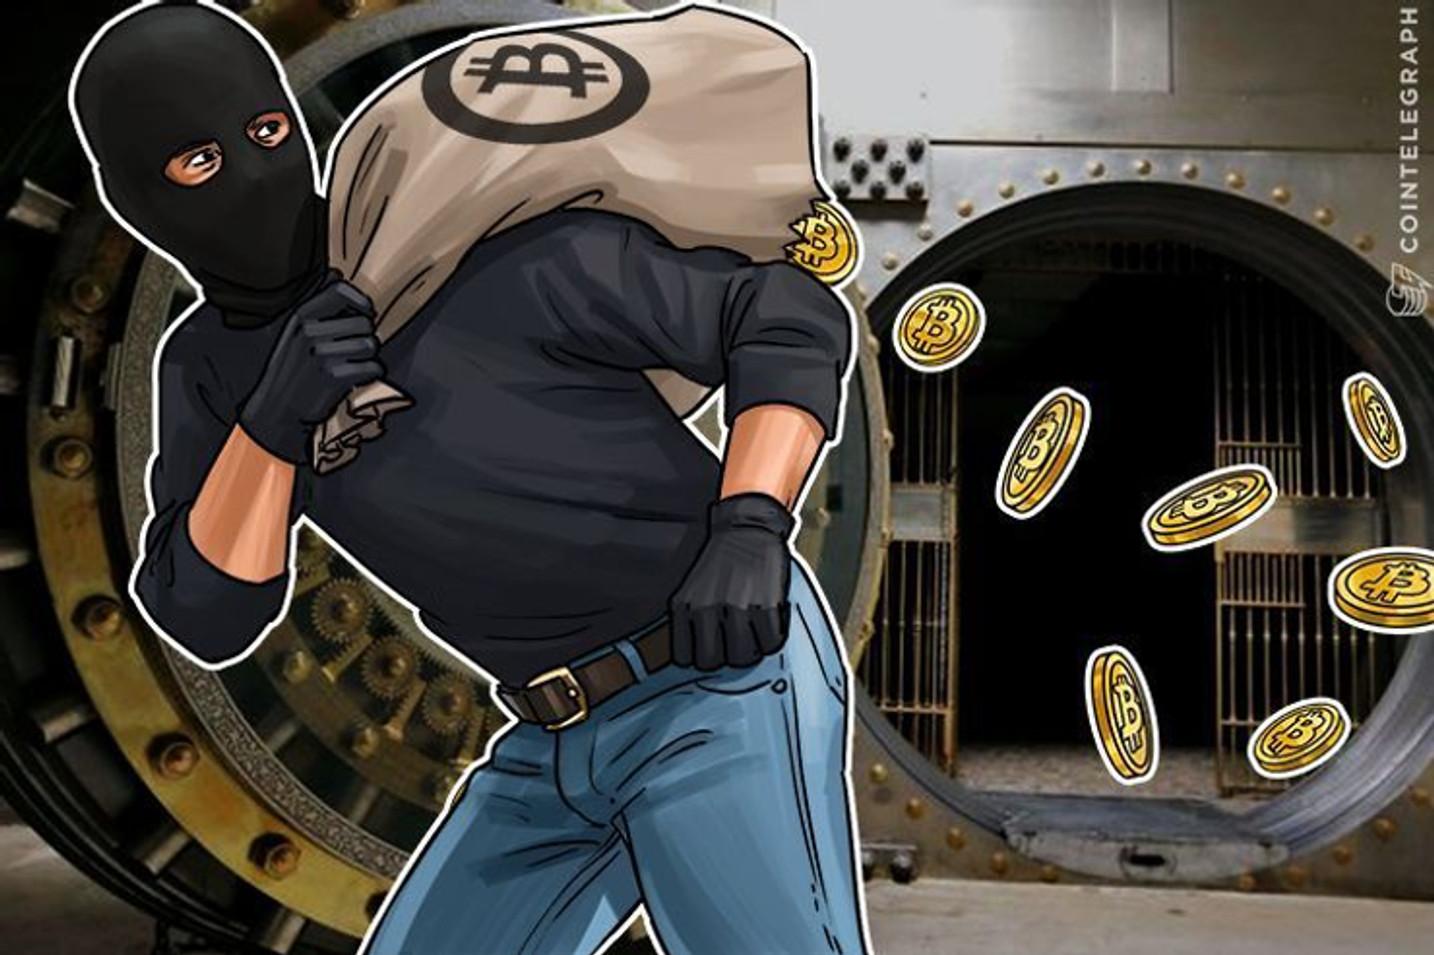 España: Una diputada y portavoz del PSOE vinculó a Bitcoin con fraude y robos